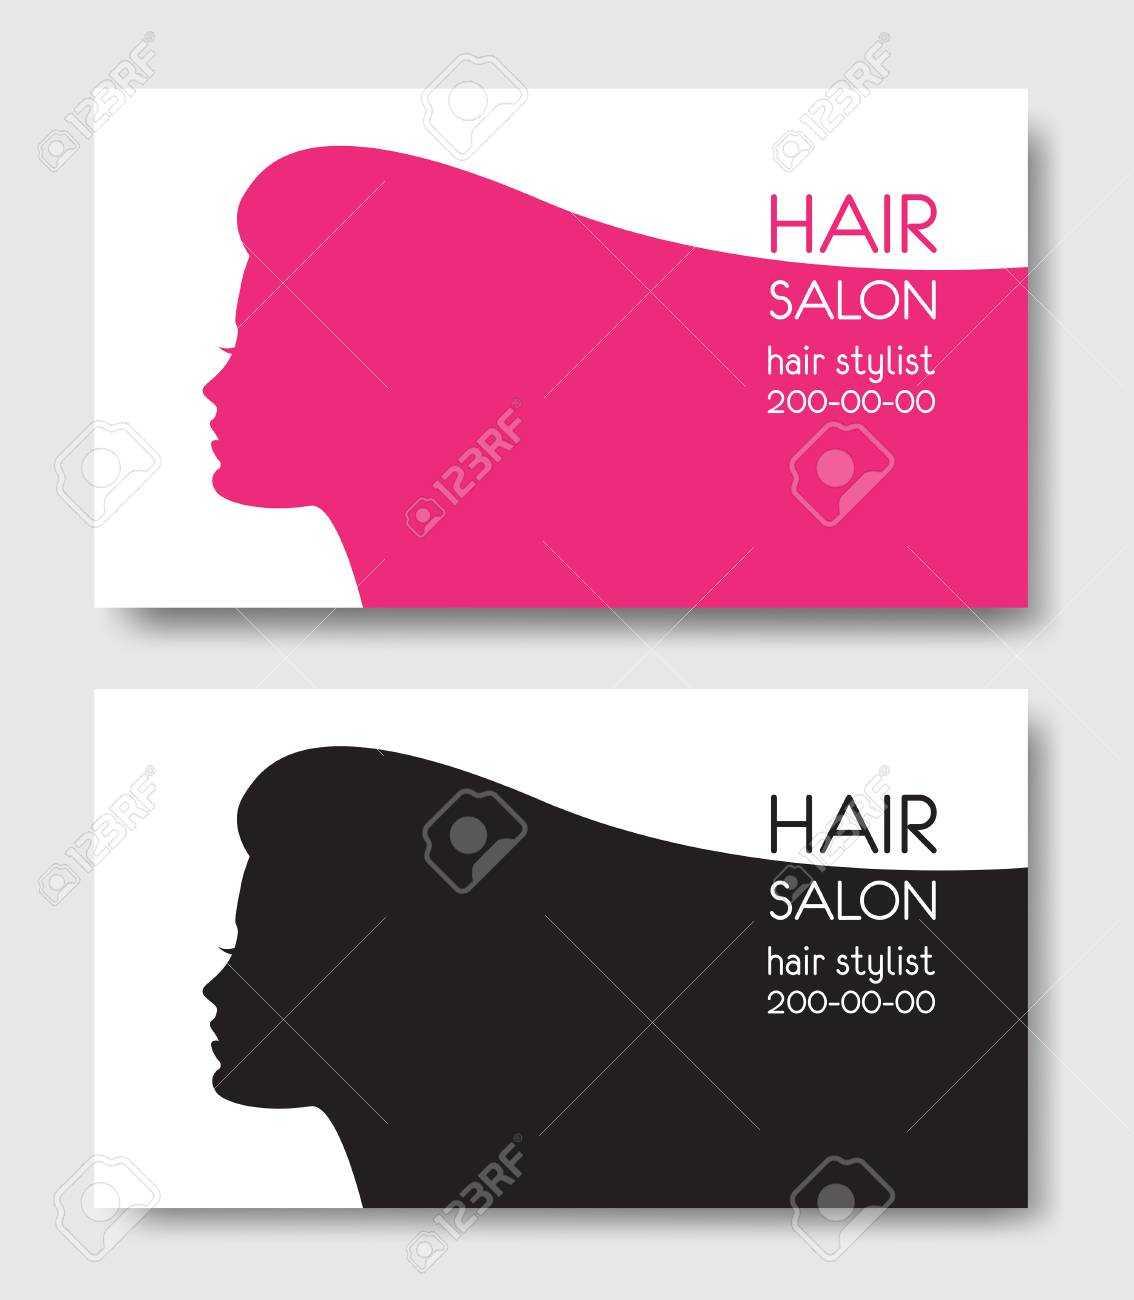 Hair Salon Business Card Templates With Beautiful Woman Face Sil For Hair Salon Business Card Template